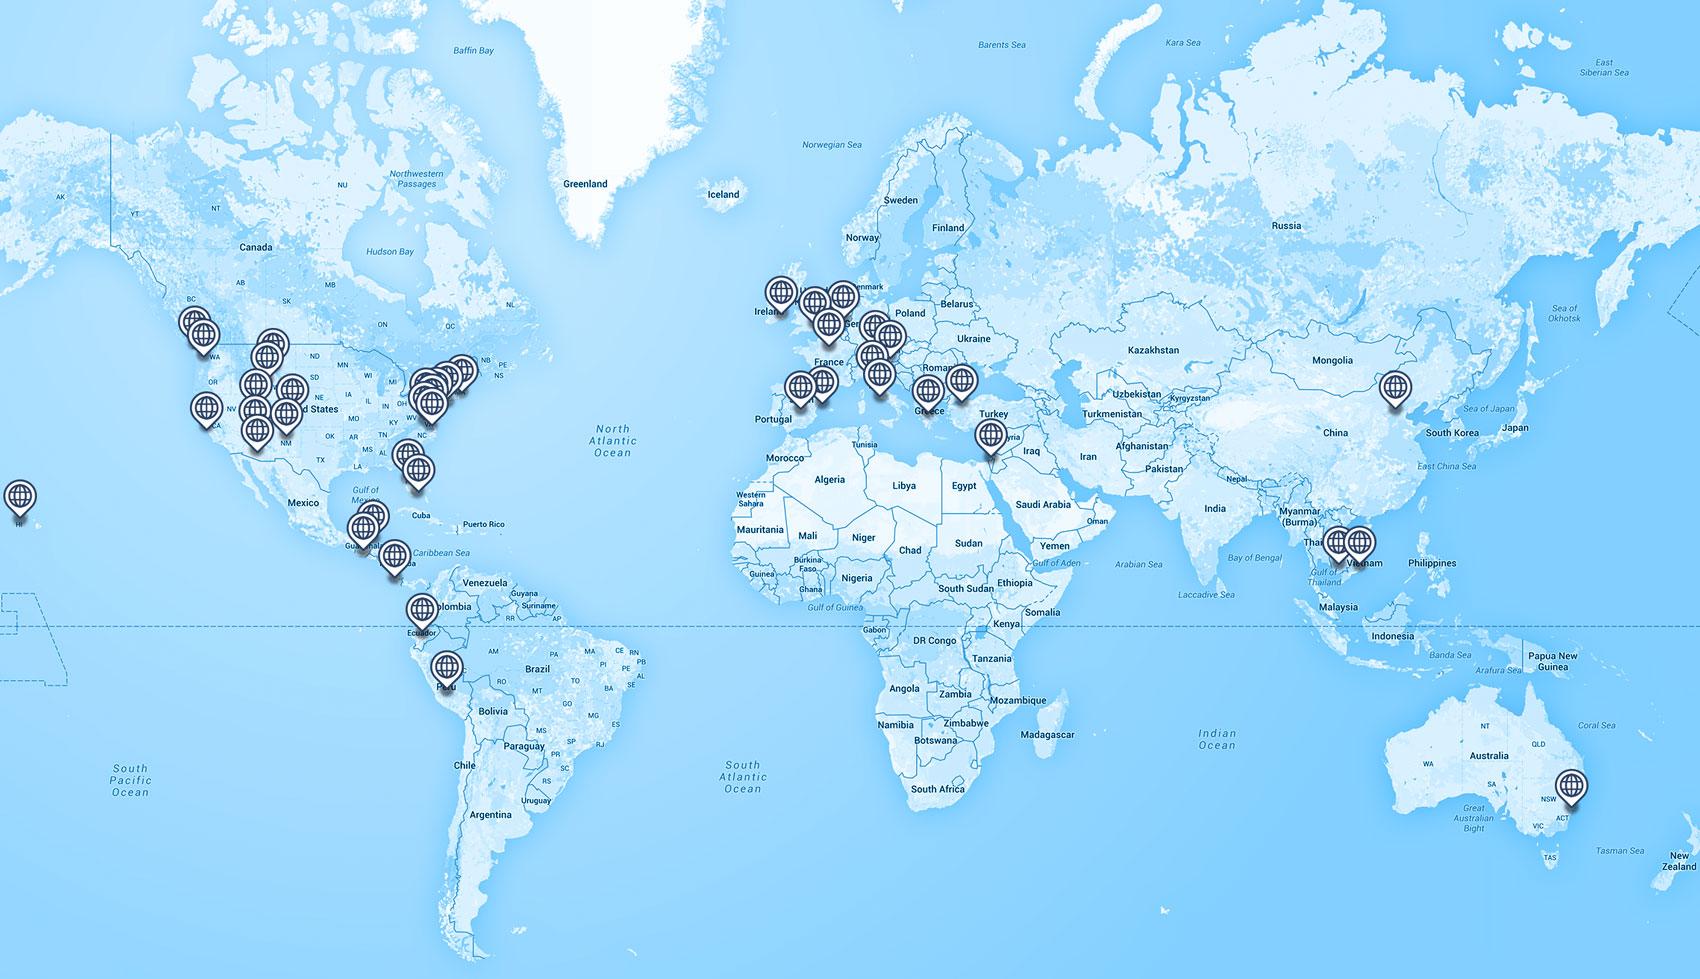 Global Trips